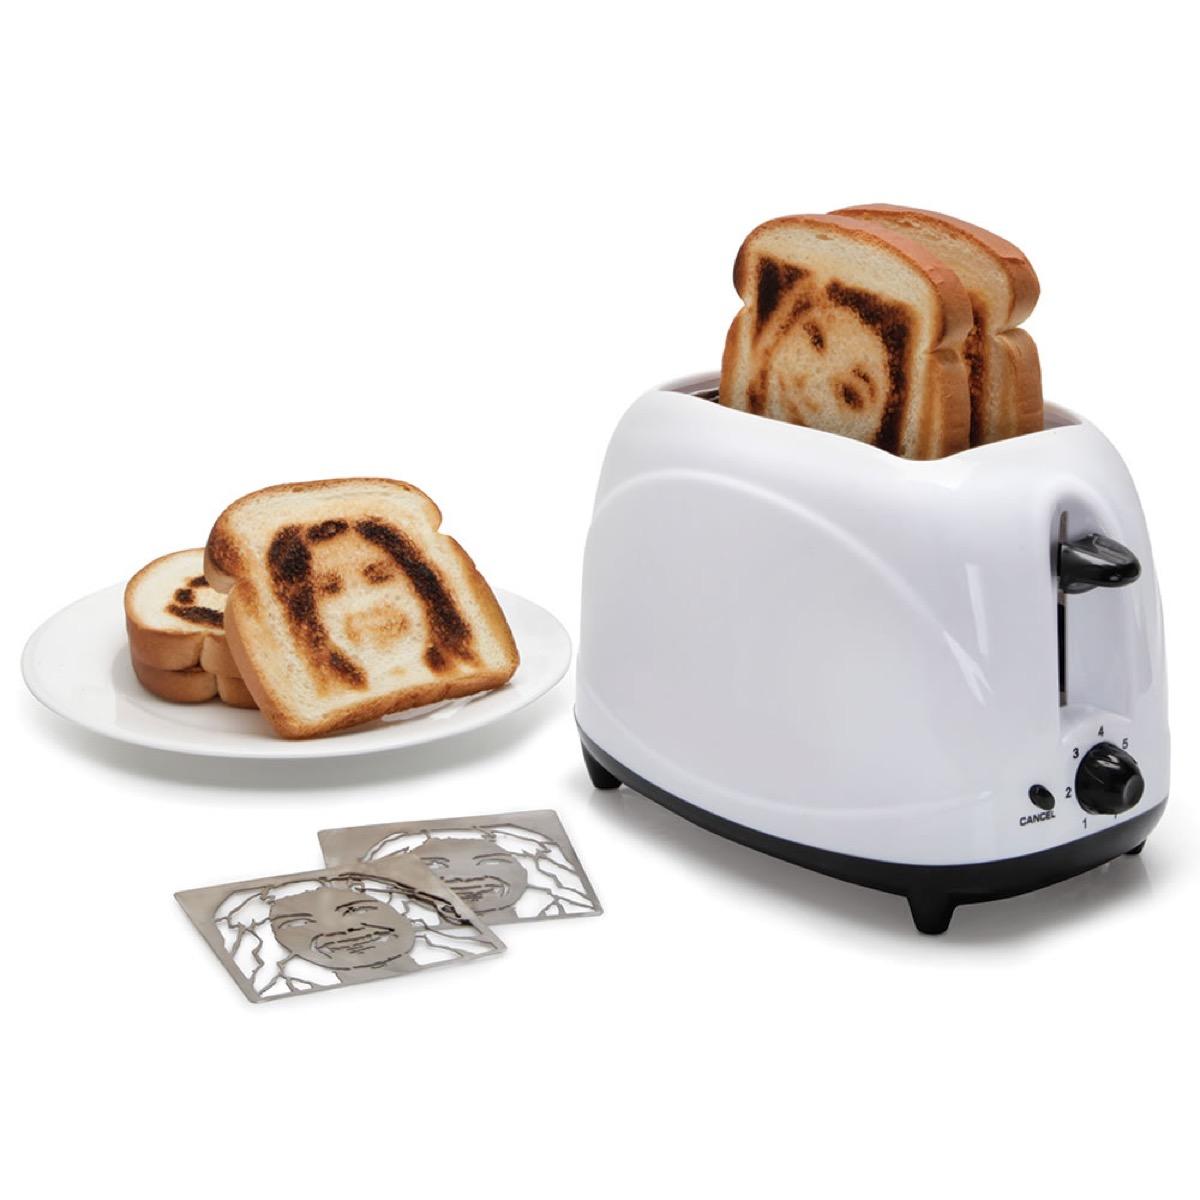 selfie toaster gag gift